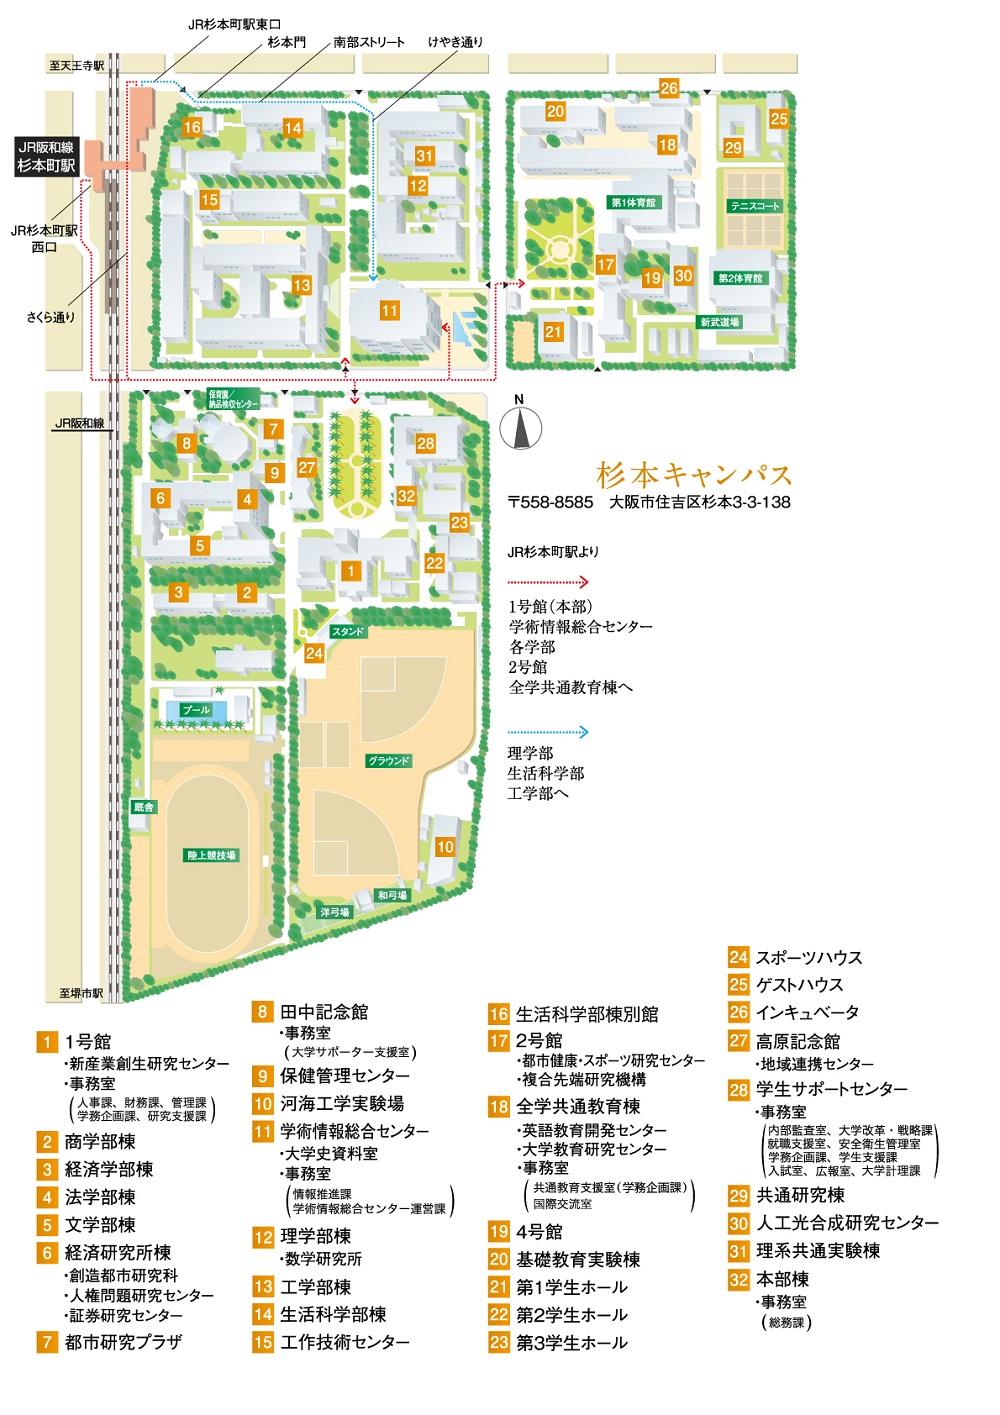 20160701キャンパスマップ.jpg